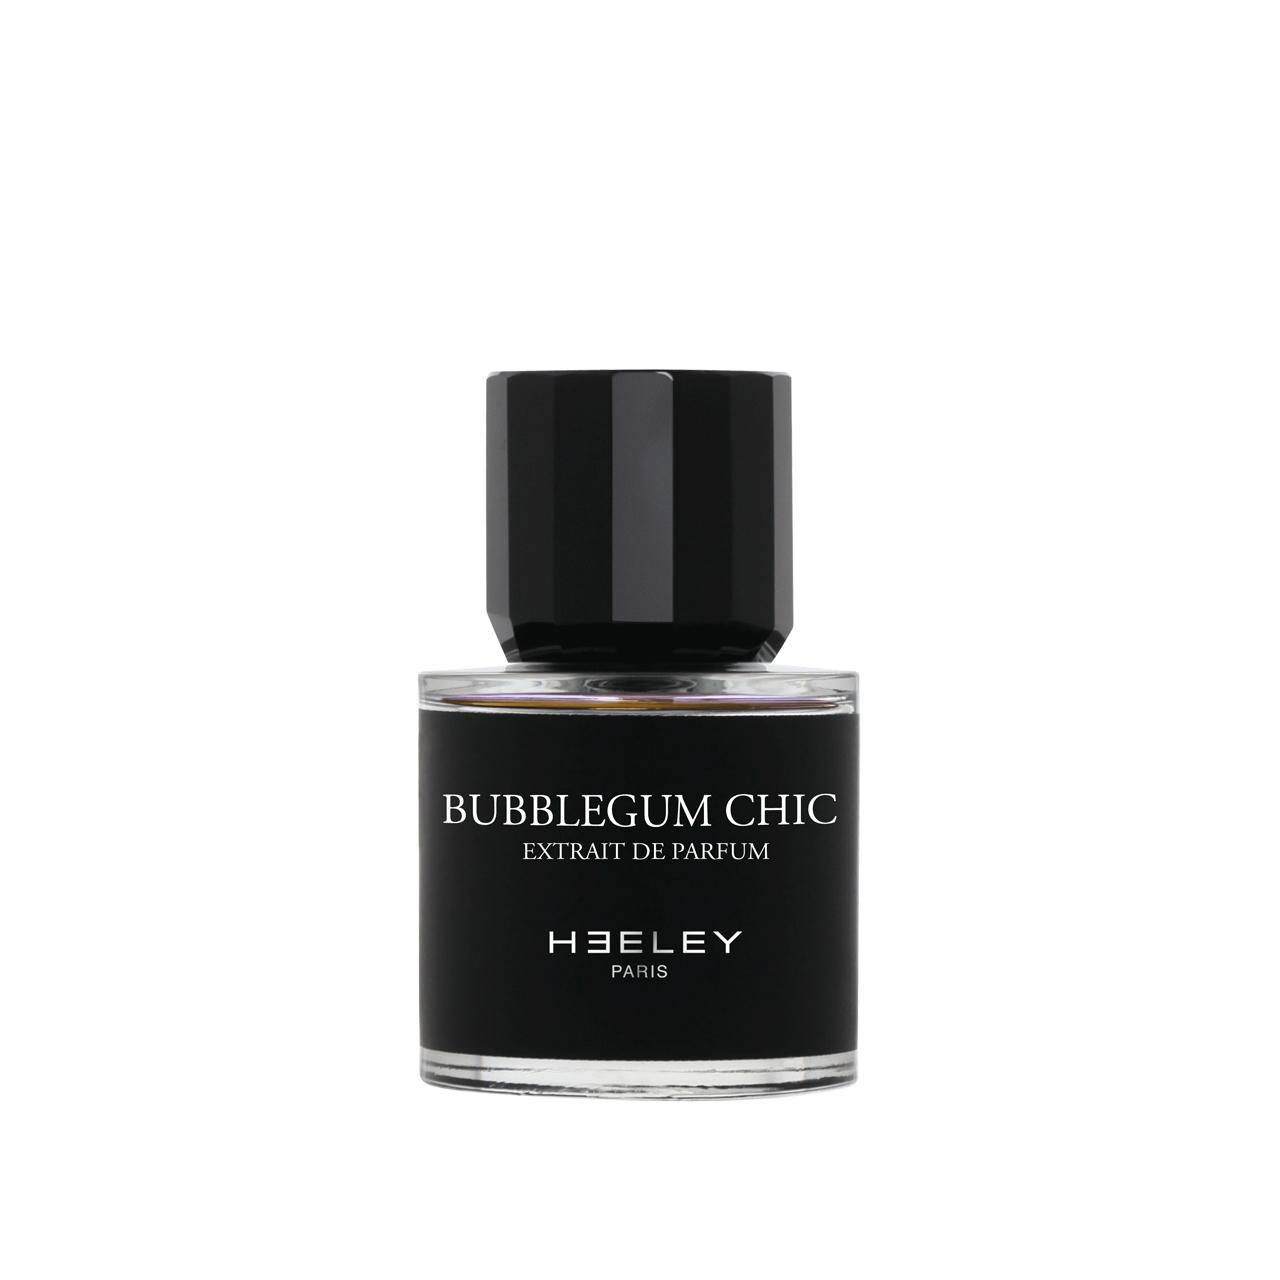 Bubblegum Chic - Extrait de Parfum